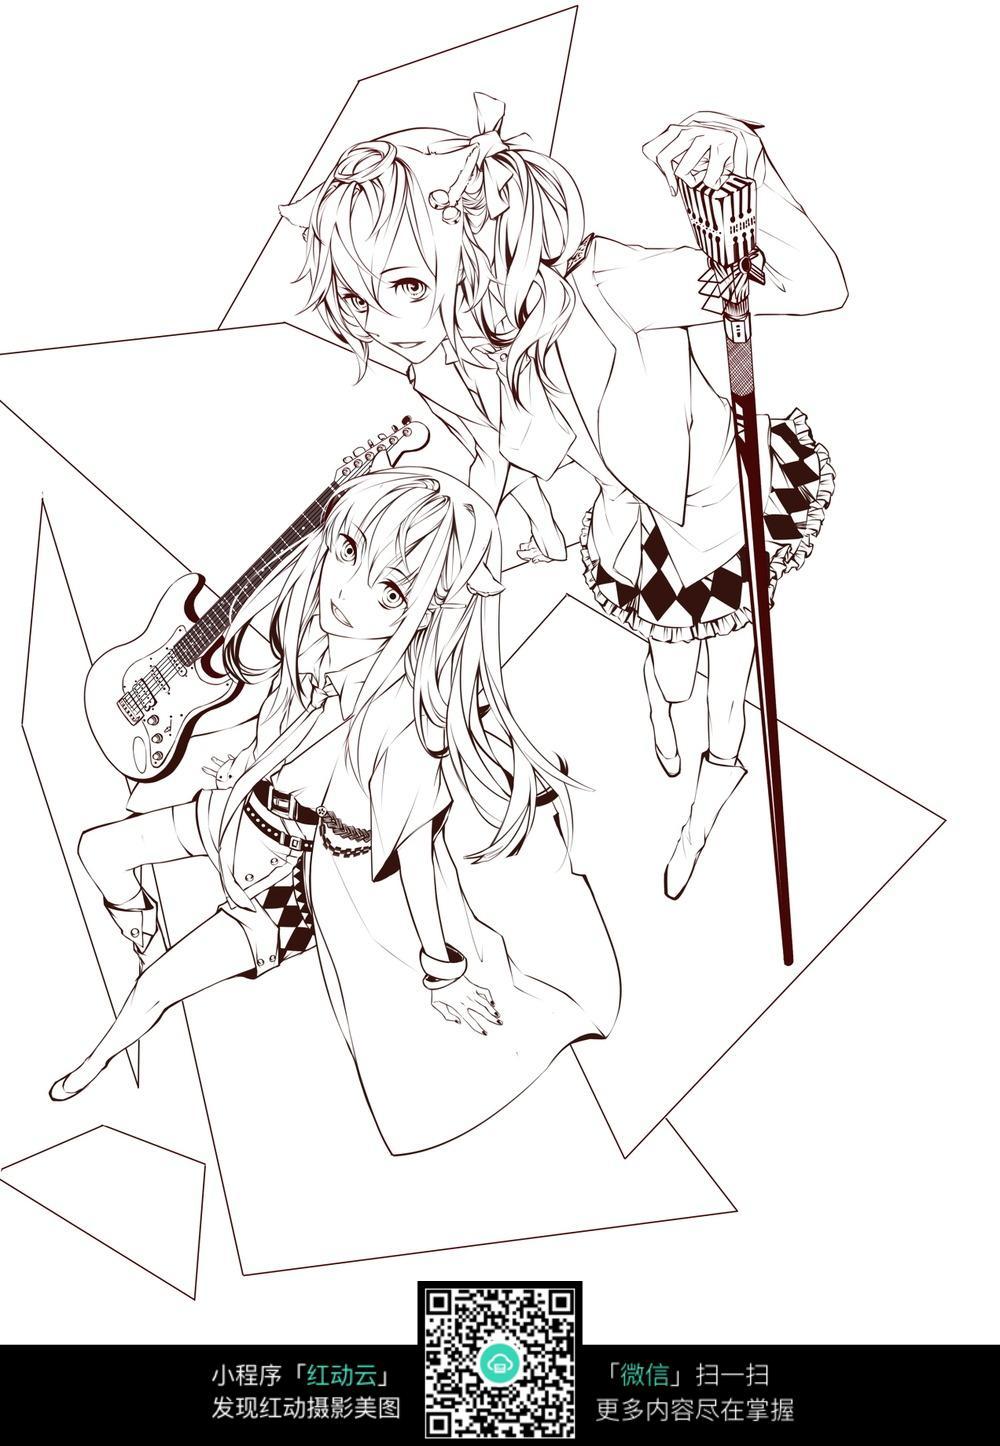 卡通弹吉他唱歌的美少女黑白简笔画图片素材